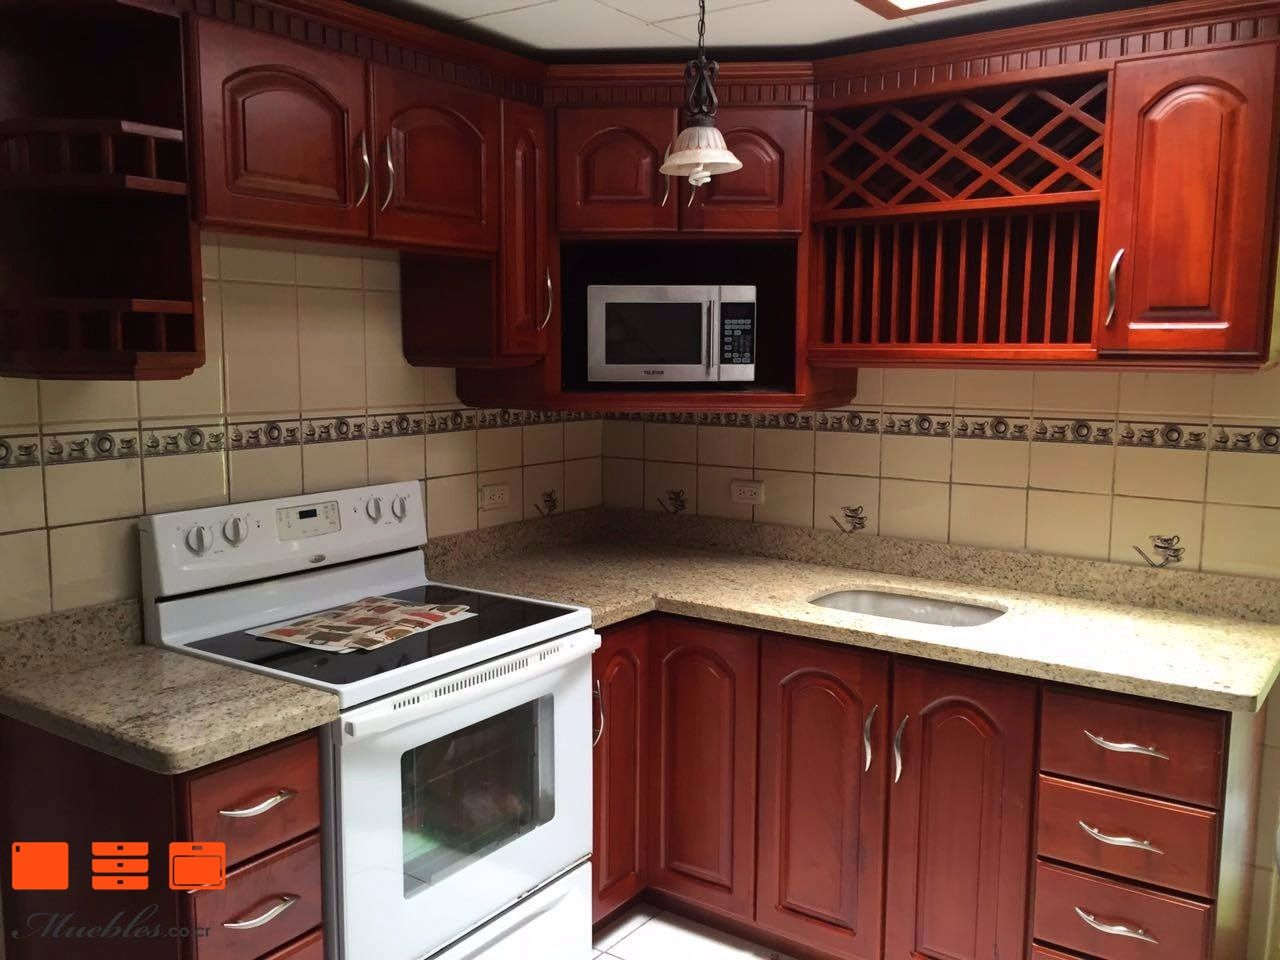 Mueble de cocina estilo rustico con microondas y cocina empotrados ...